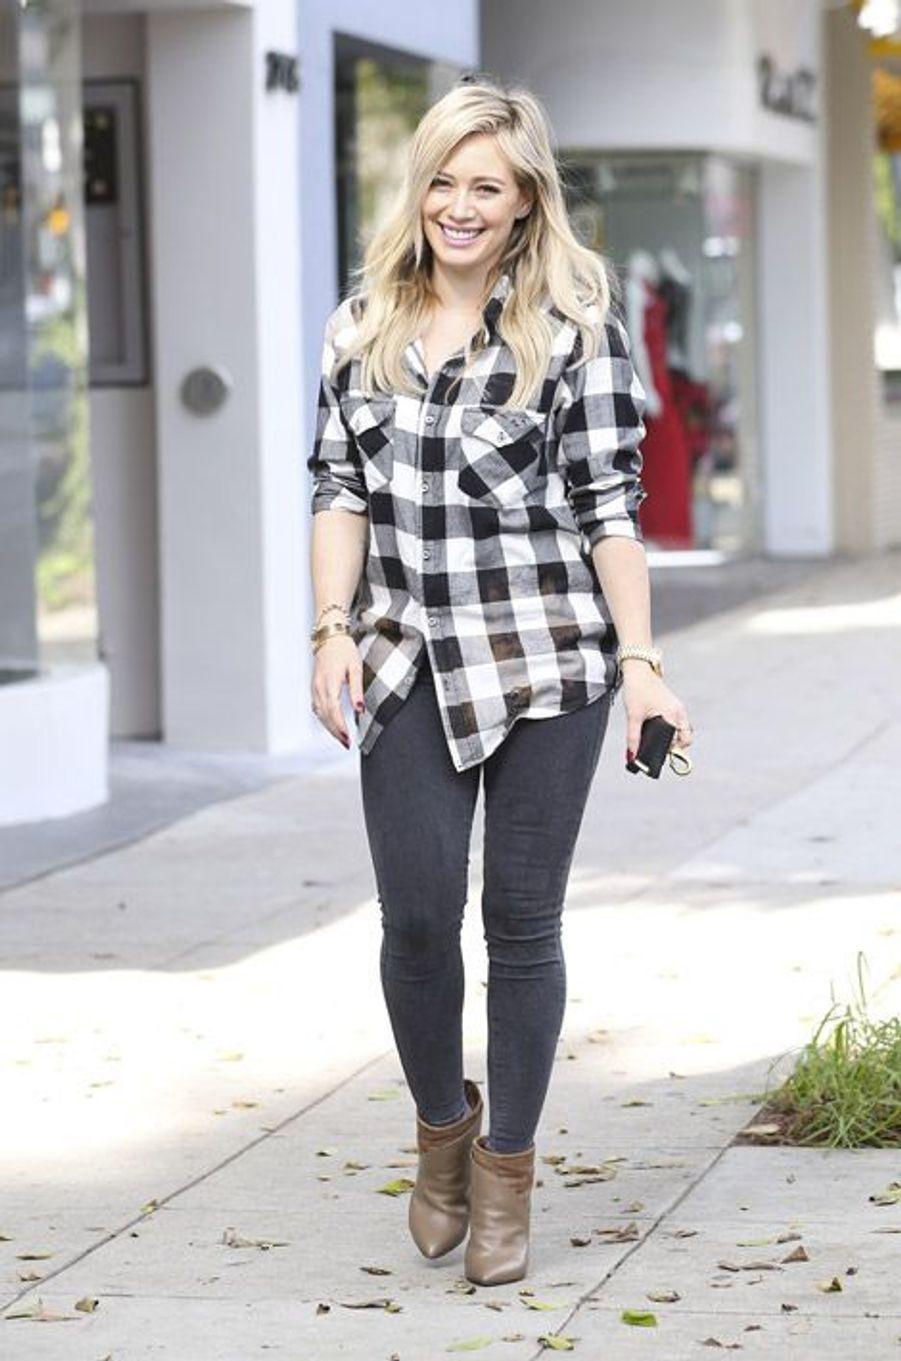 L'actrice Hilary duff dans les rues de Beverly hills, le 25 décembre 2014